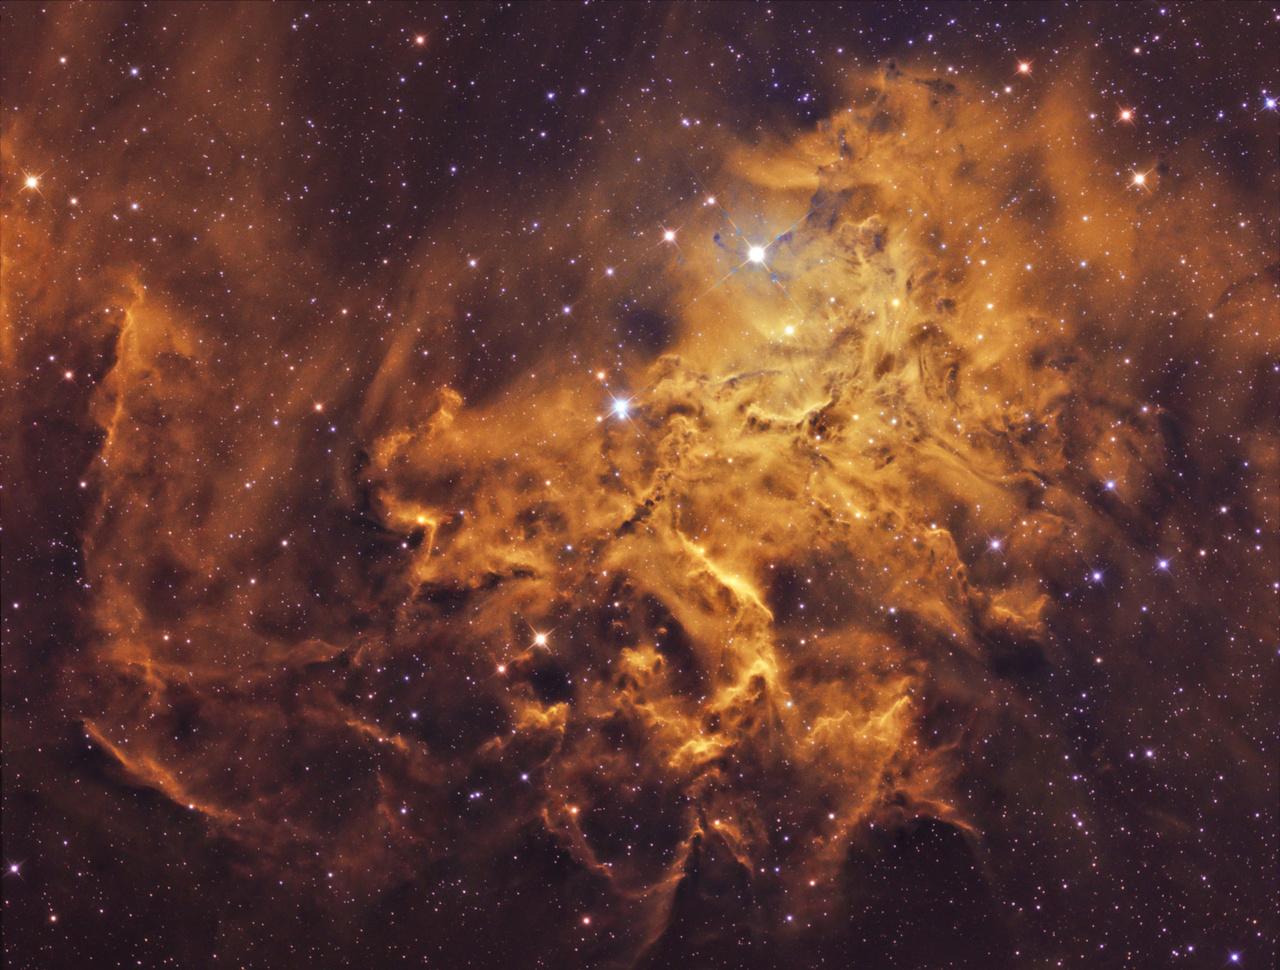 """""""Valami nagy-nagy tüzet kéne rakni."""" Ezen a fotón a Szekeres csillagkép szívében található diffúz köd, a Lángoló csillag-köd látható. Megjelenésében nagyon hasonlít a tűzhöz, lobogó lángnyelvekhez, innen a fantázia név. Ezt a látványt nagyban erősíti a HST, Hubble fotóknál is használt színpaletta, amelyet Bagi László kép elkészítésekor használt. A lángoló Csillag-köd Földünktől 1500 fényév távolságra található. A végleges fotó 28,5 óra expozíció eredménye."""